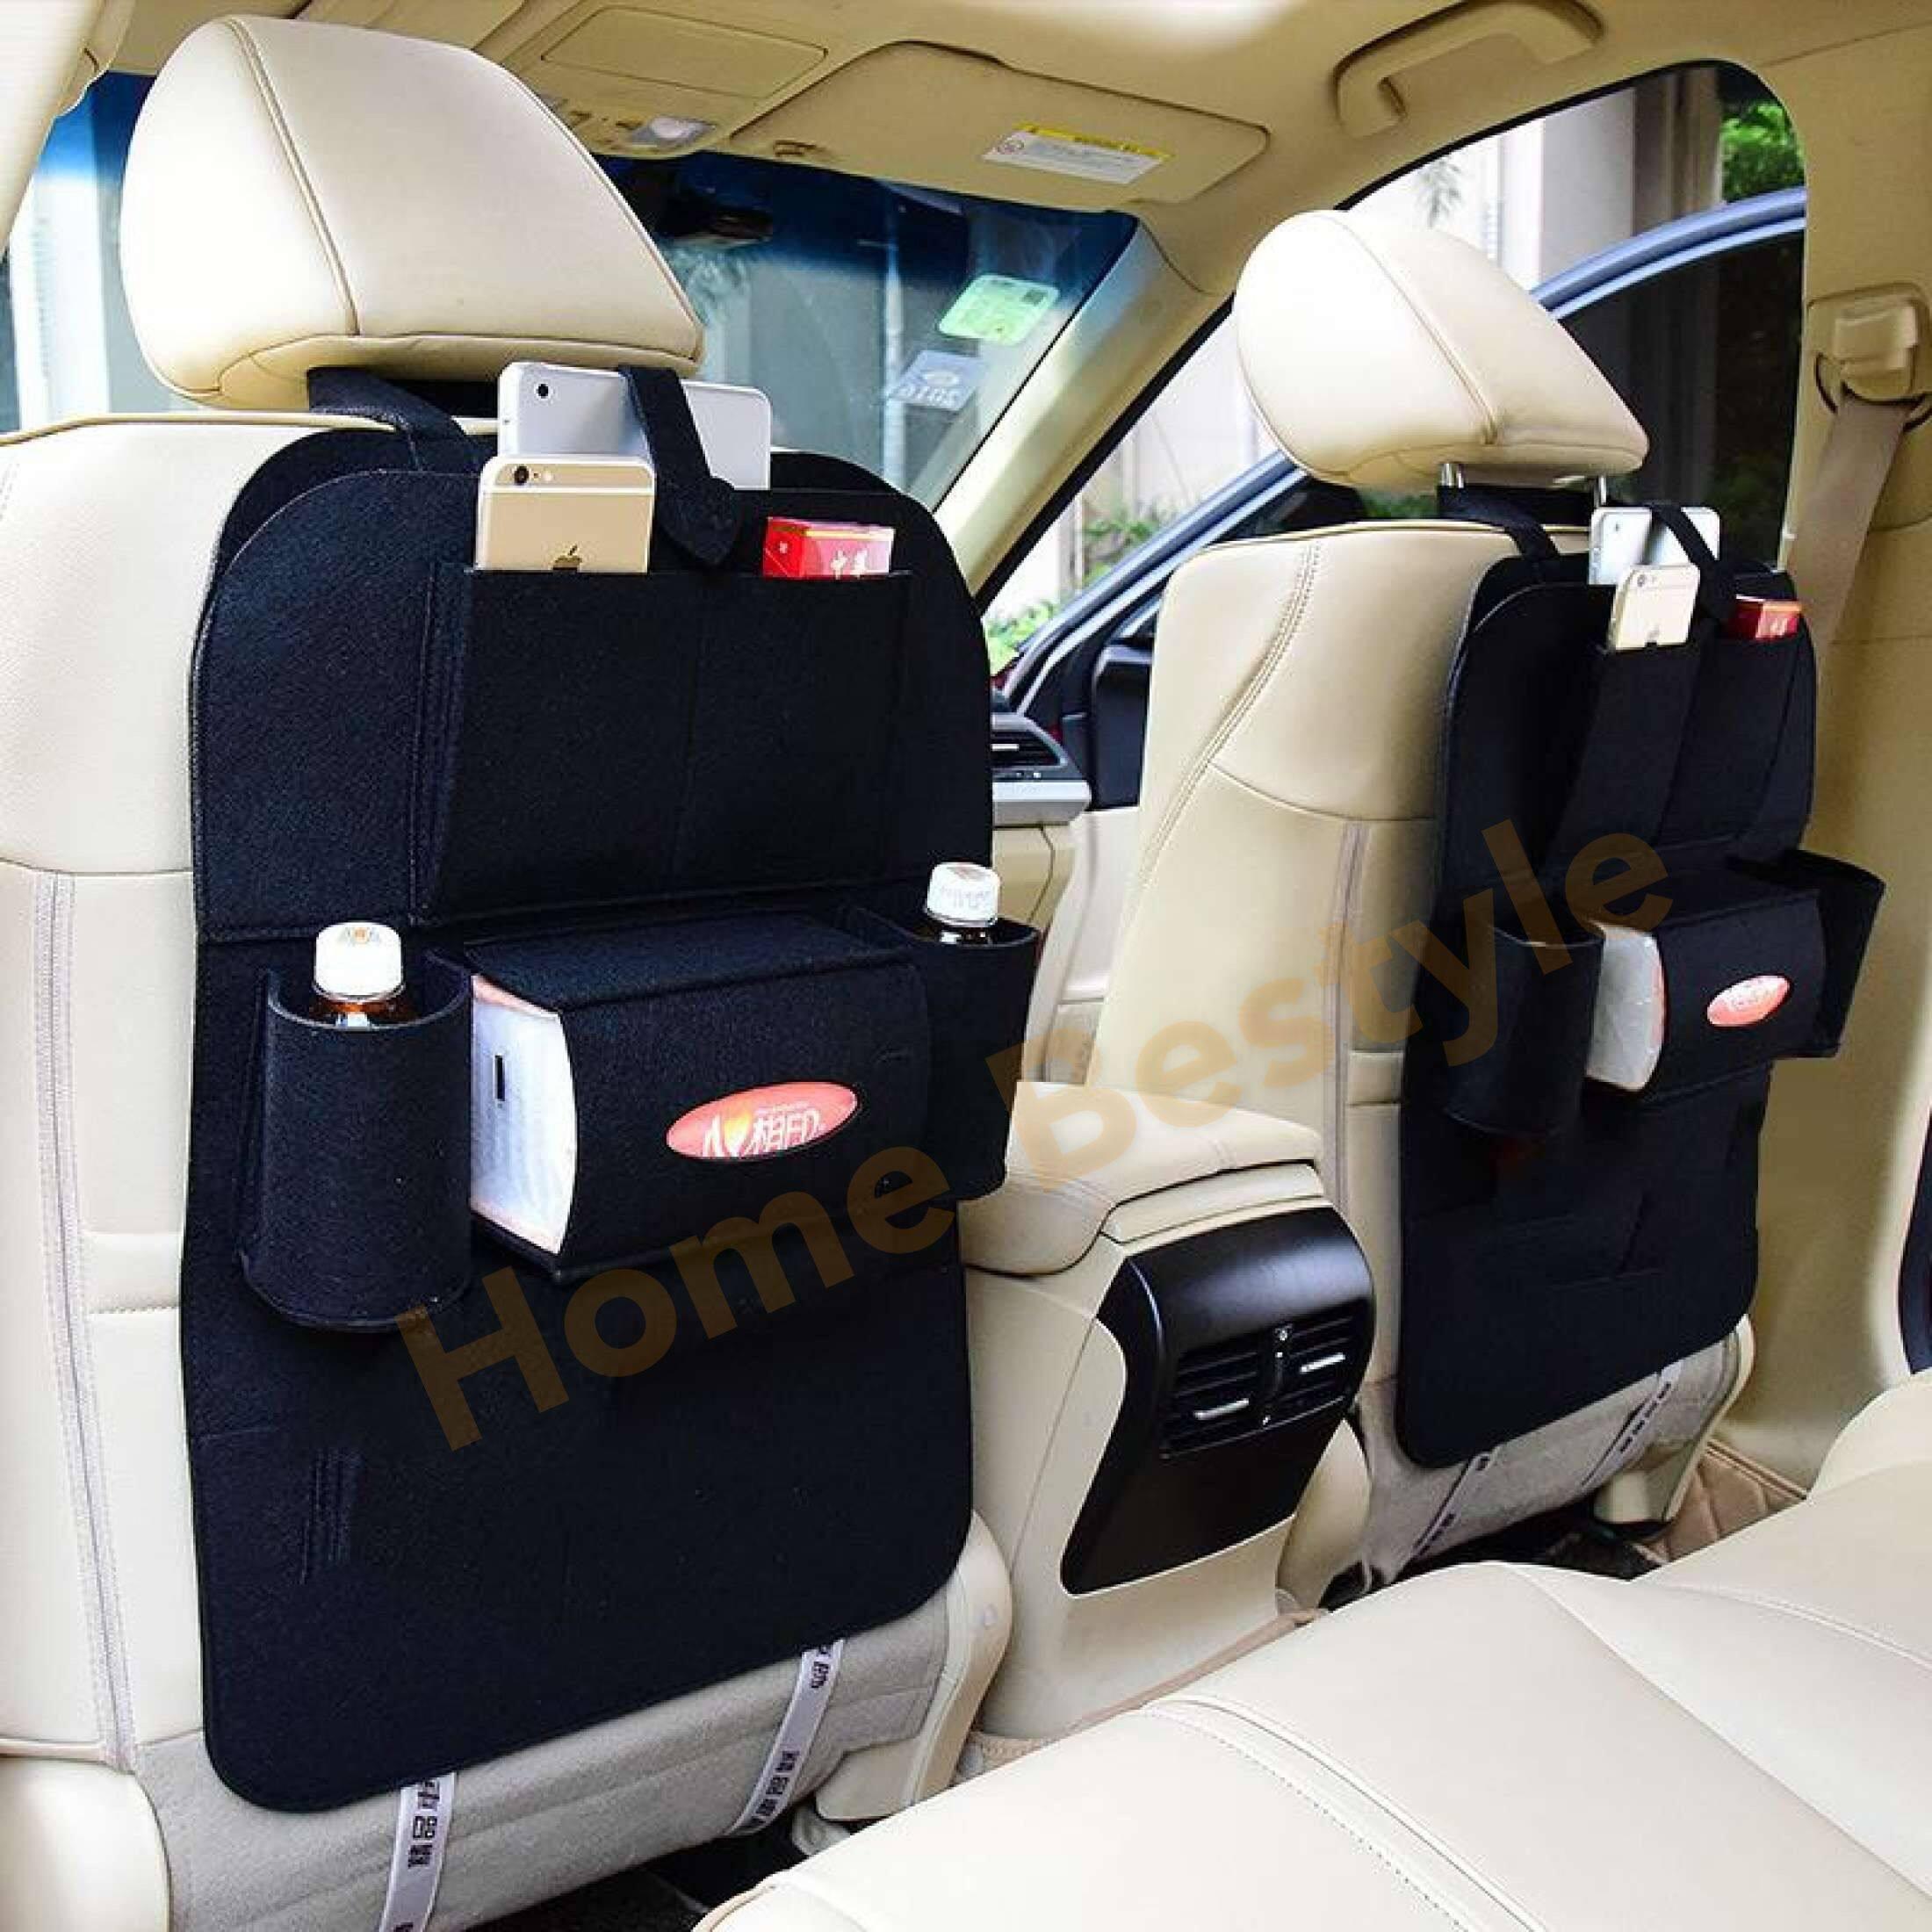 อุปกรณ์ยานยนต์ ถุงเก็บรถ ถุงจัดเก็บเบาะหลังที่นั่งรถ เก็บกระเป๋า สามารถใส่เครื่องดื่ม หนังสือ มือถือ ถุงจัดเก็บมัลติฟังก์ชัน